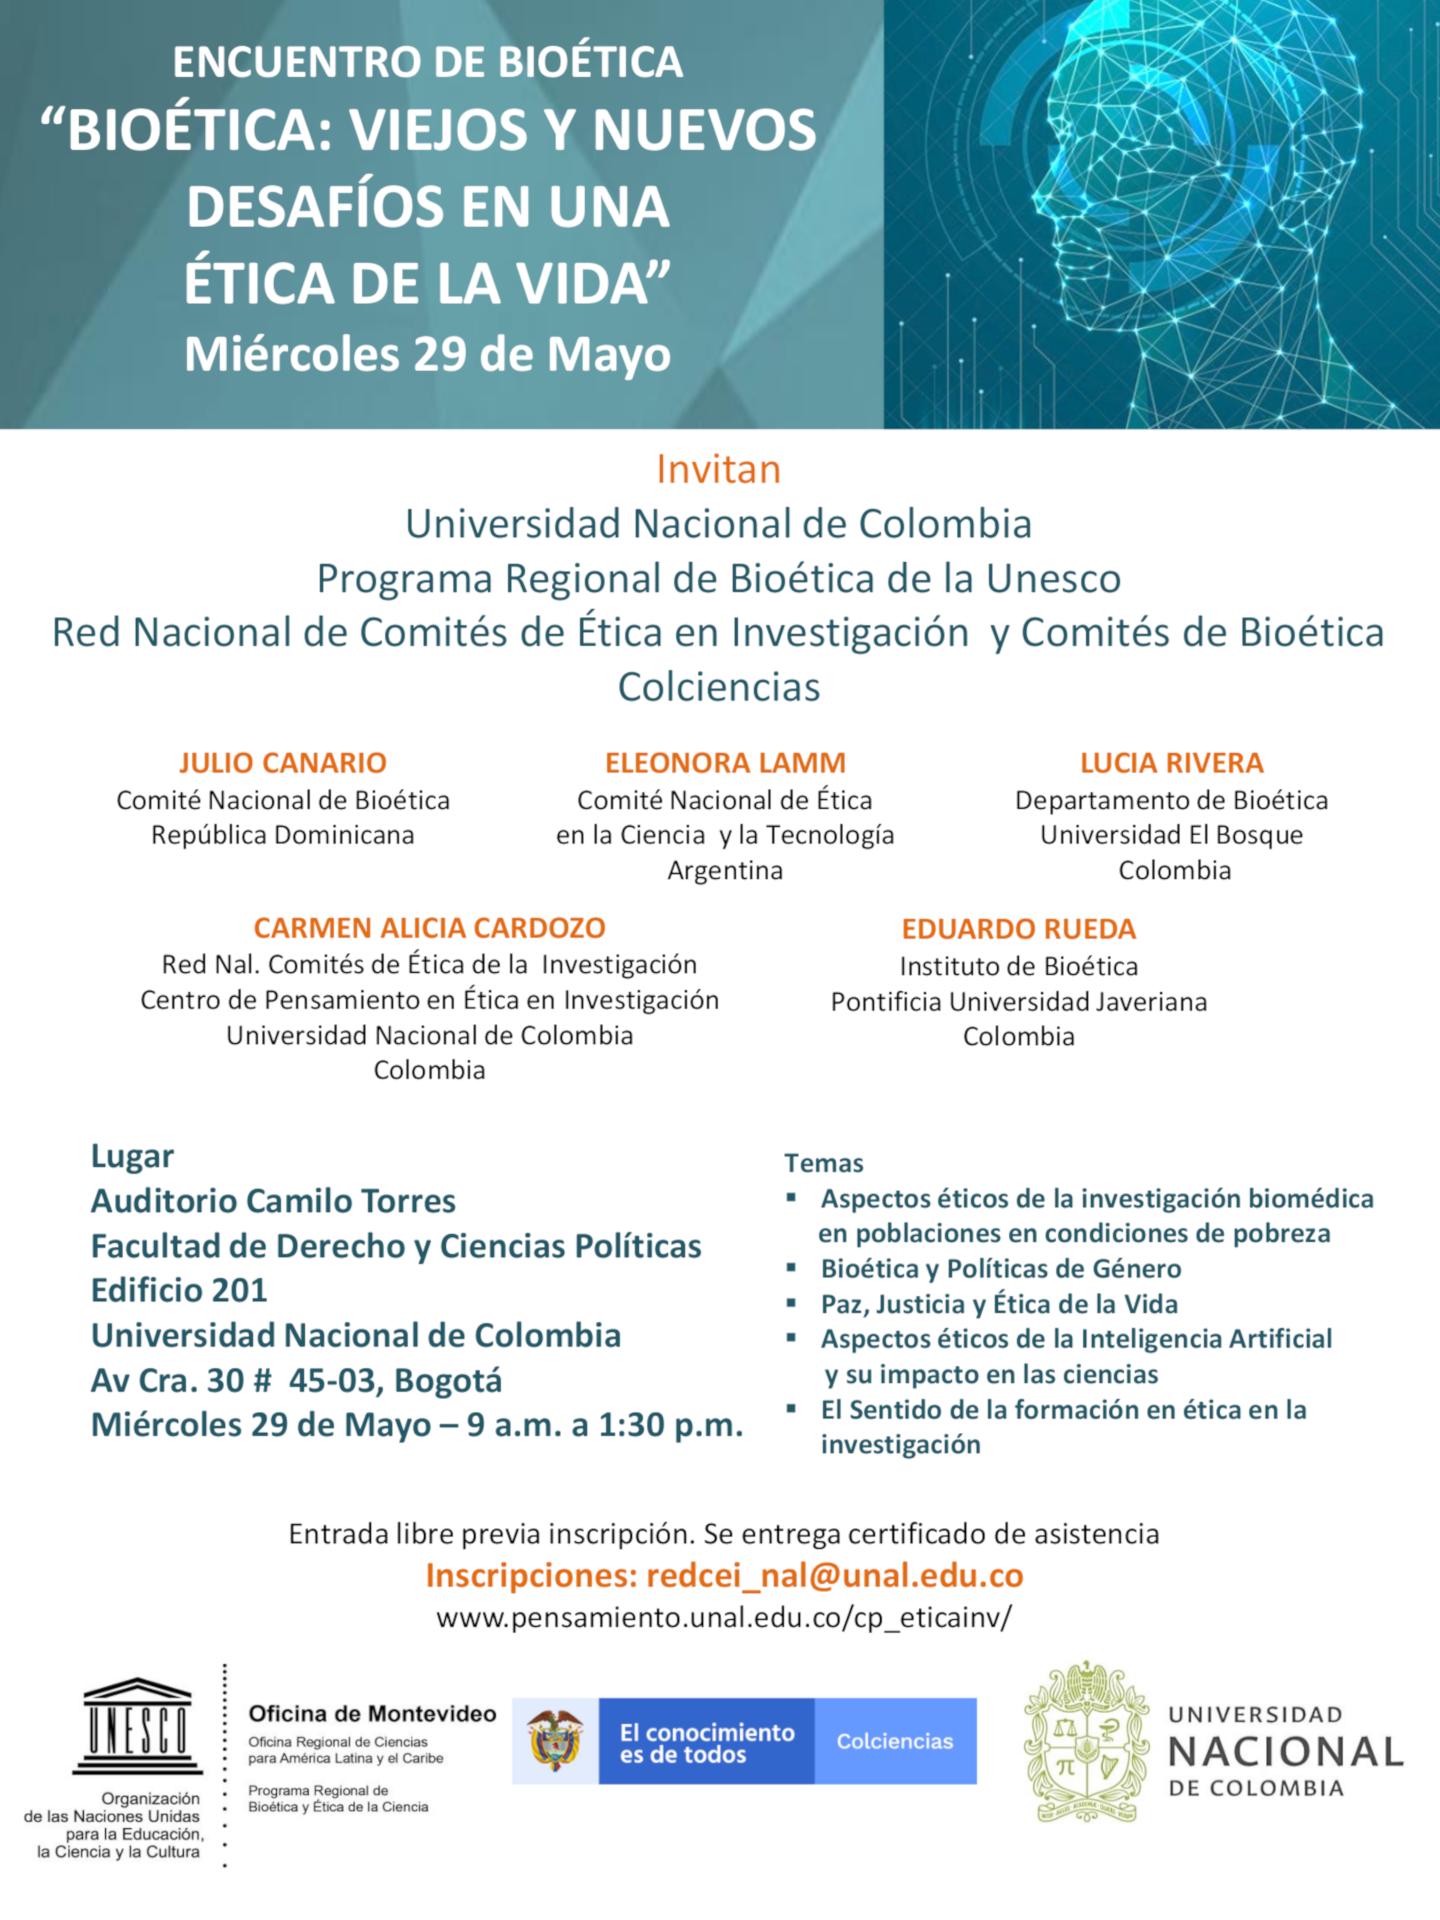 Encuentro de Bioética «Bioética: viejos y nuevos desafíos en una ética de vida»